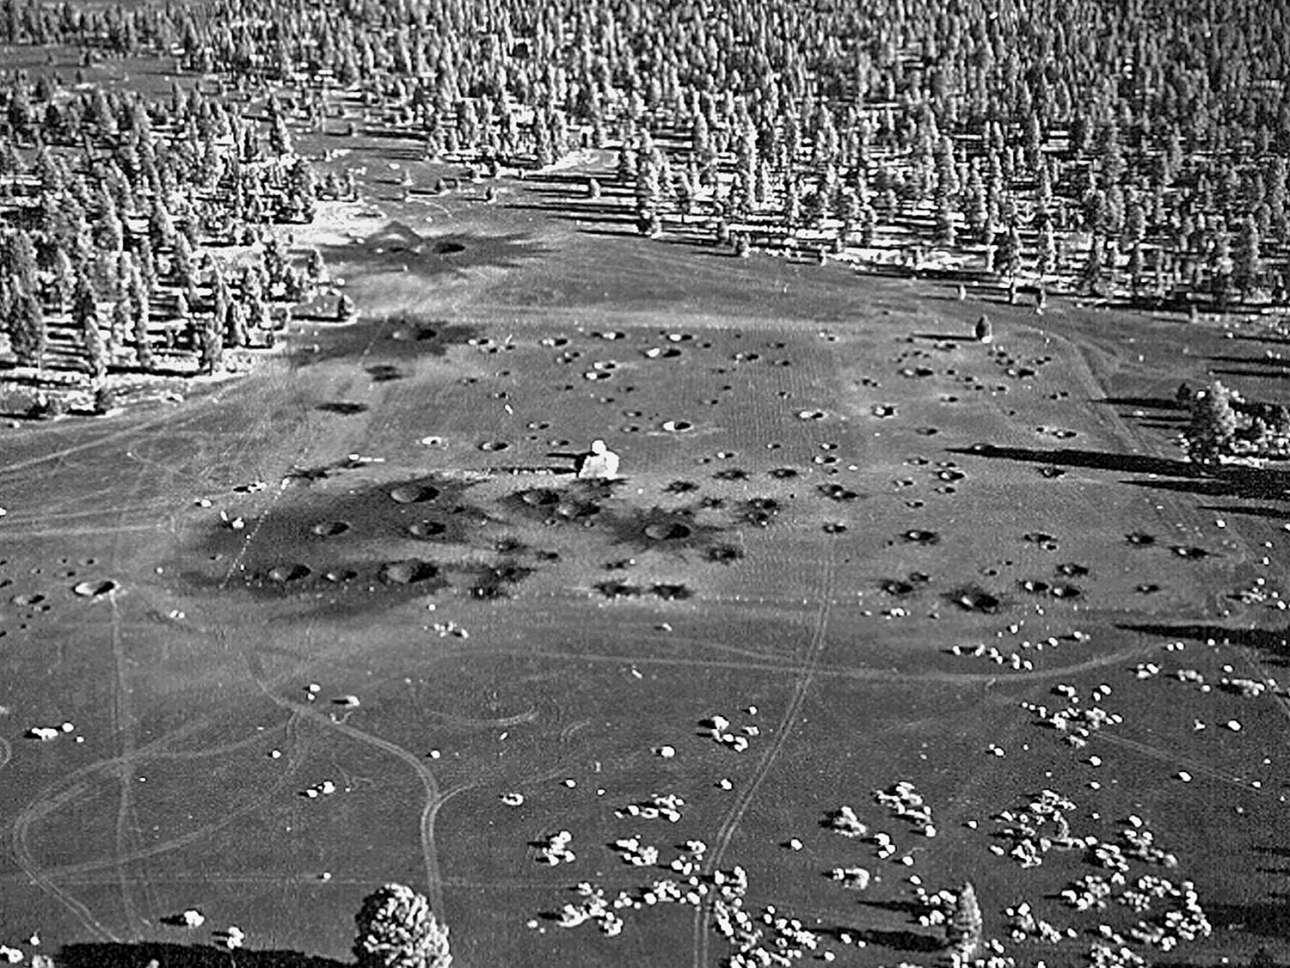 Μια πανοραμική εικόνα της περιοχής στην Αριζόνα όπου δημιουργήθηκαν οι κρατήρες για να εκπαιδευτούν οι αστροναύτες